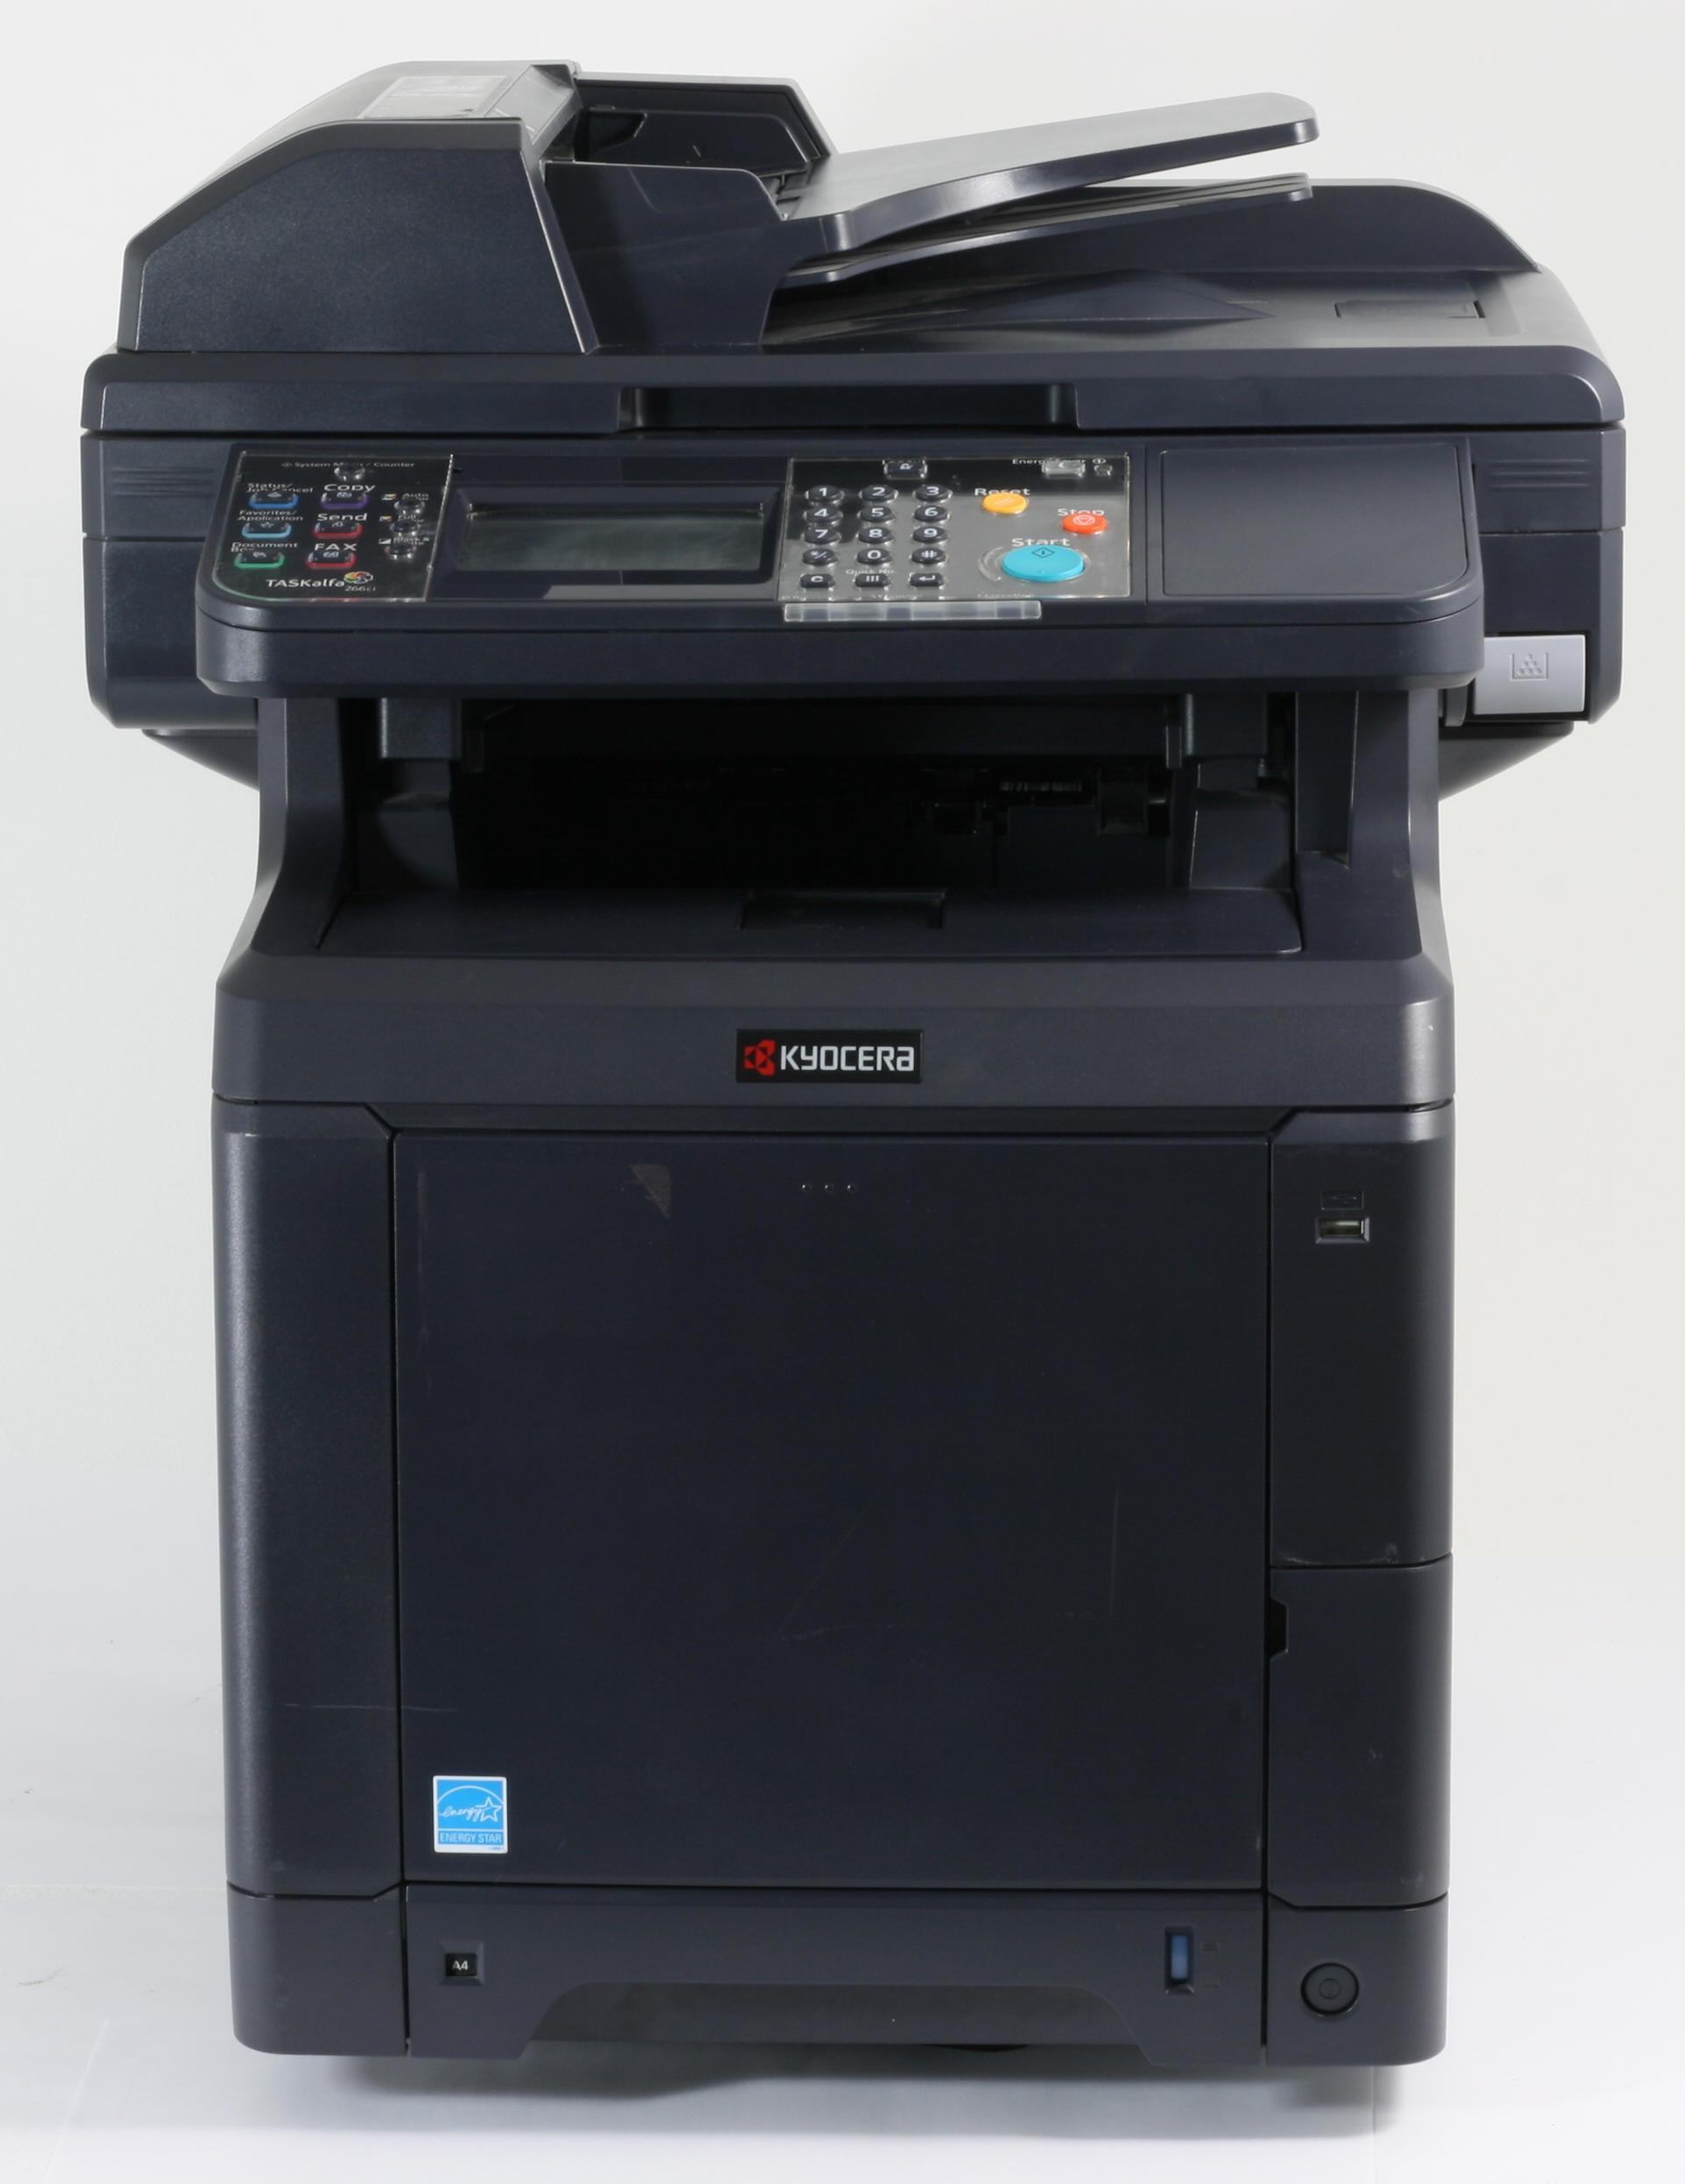 Kyocera Taskalfa 266ci MFP Drucker Laserdrucker Kopierer Scanner Fax Color gebraucht /  unter 20.000 Seiten